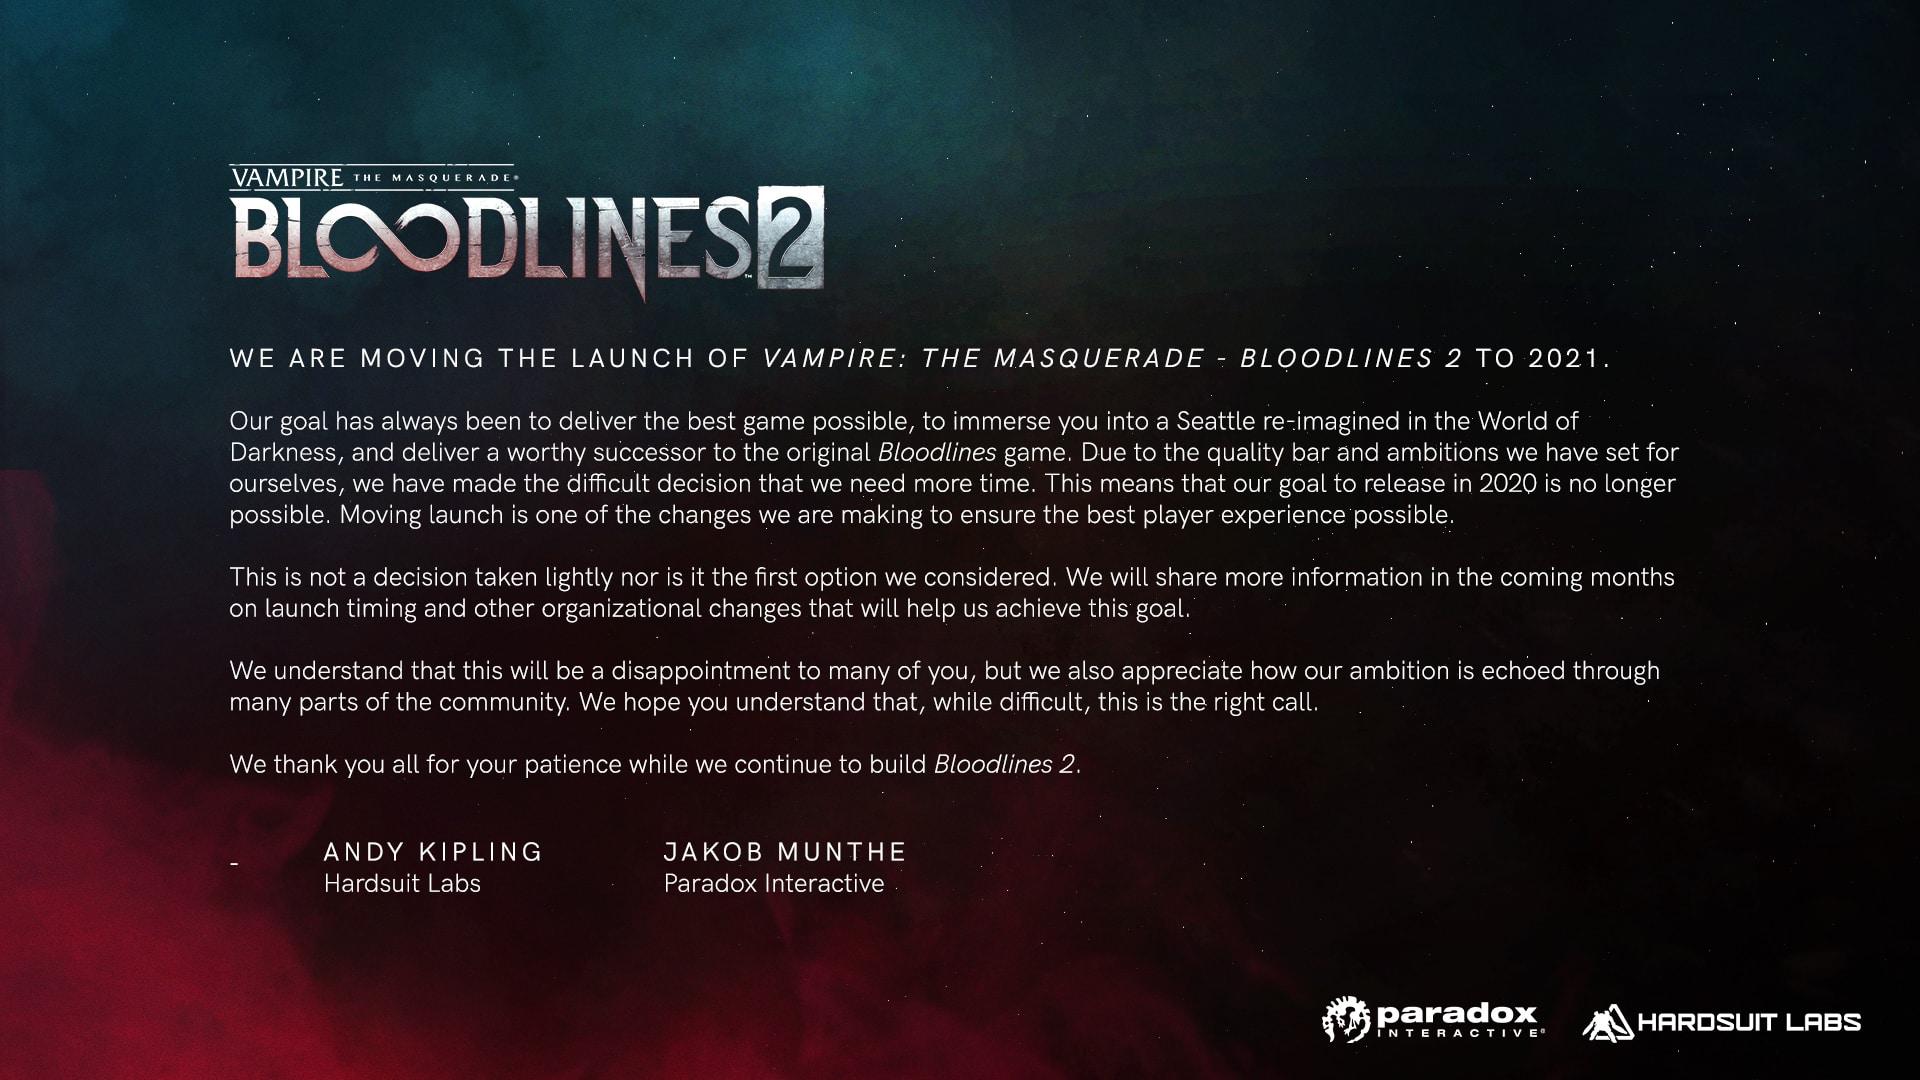 Bloodlines-2-Delayed_08-11-20.jpg